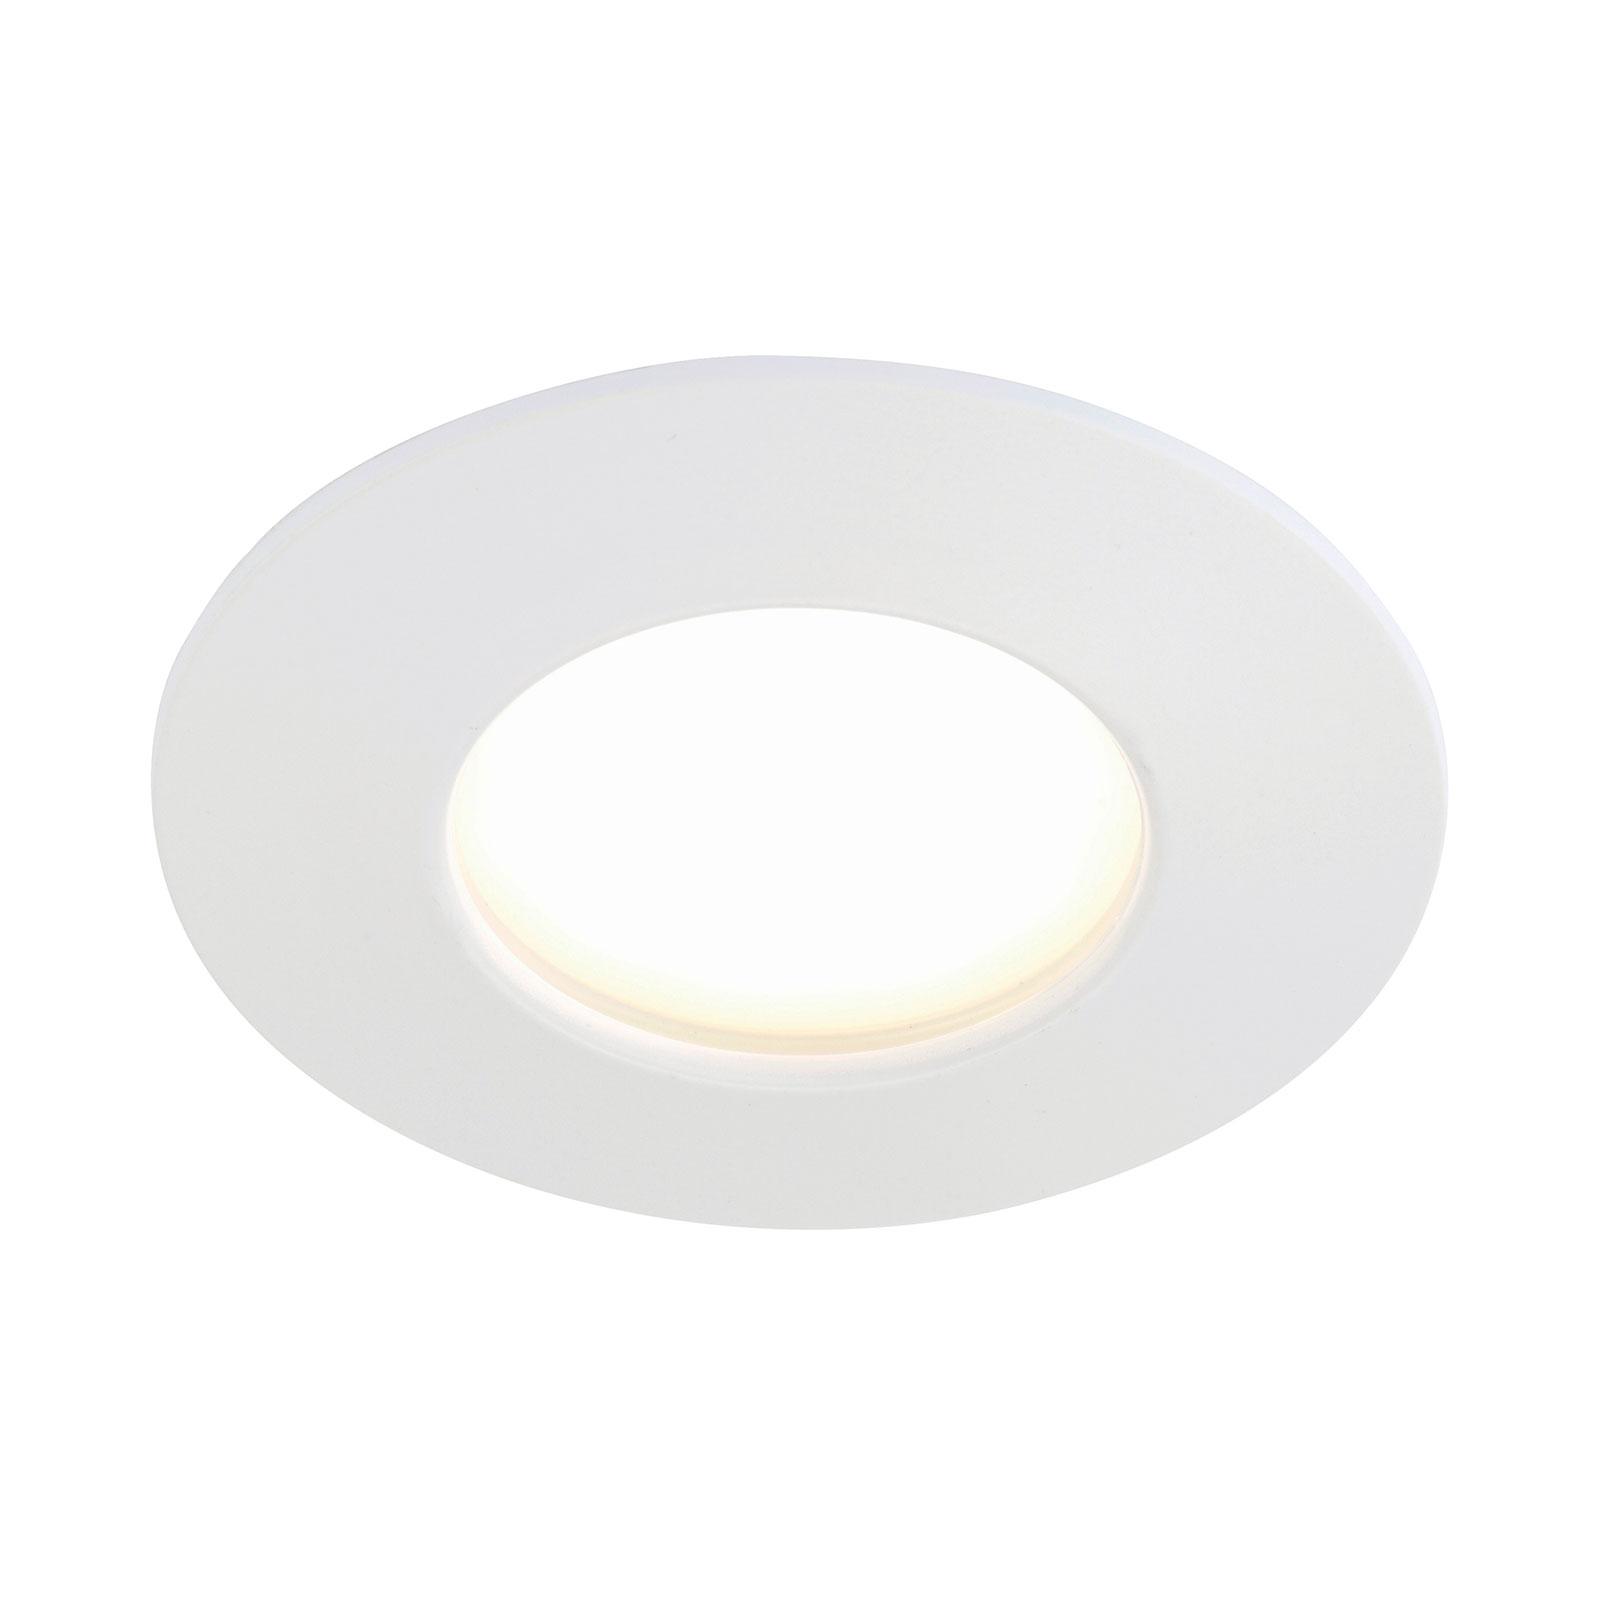 Hvit LED-innfellingslampe Till til utebruk